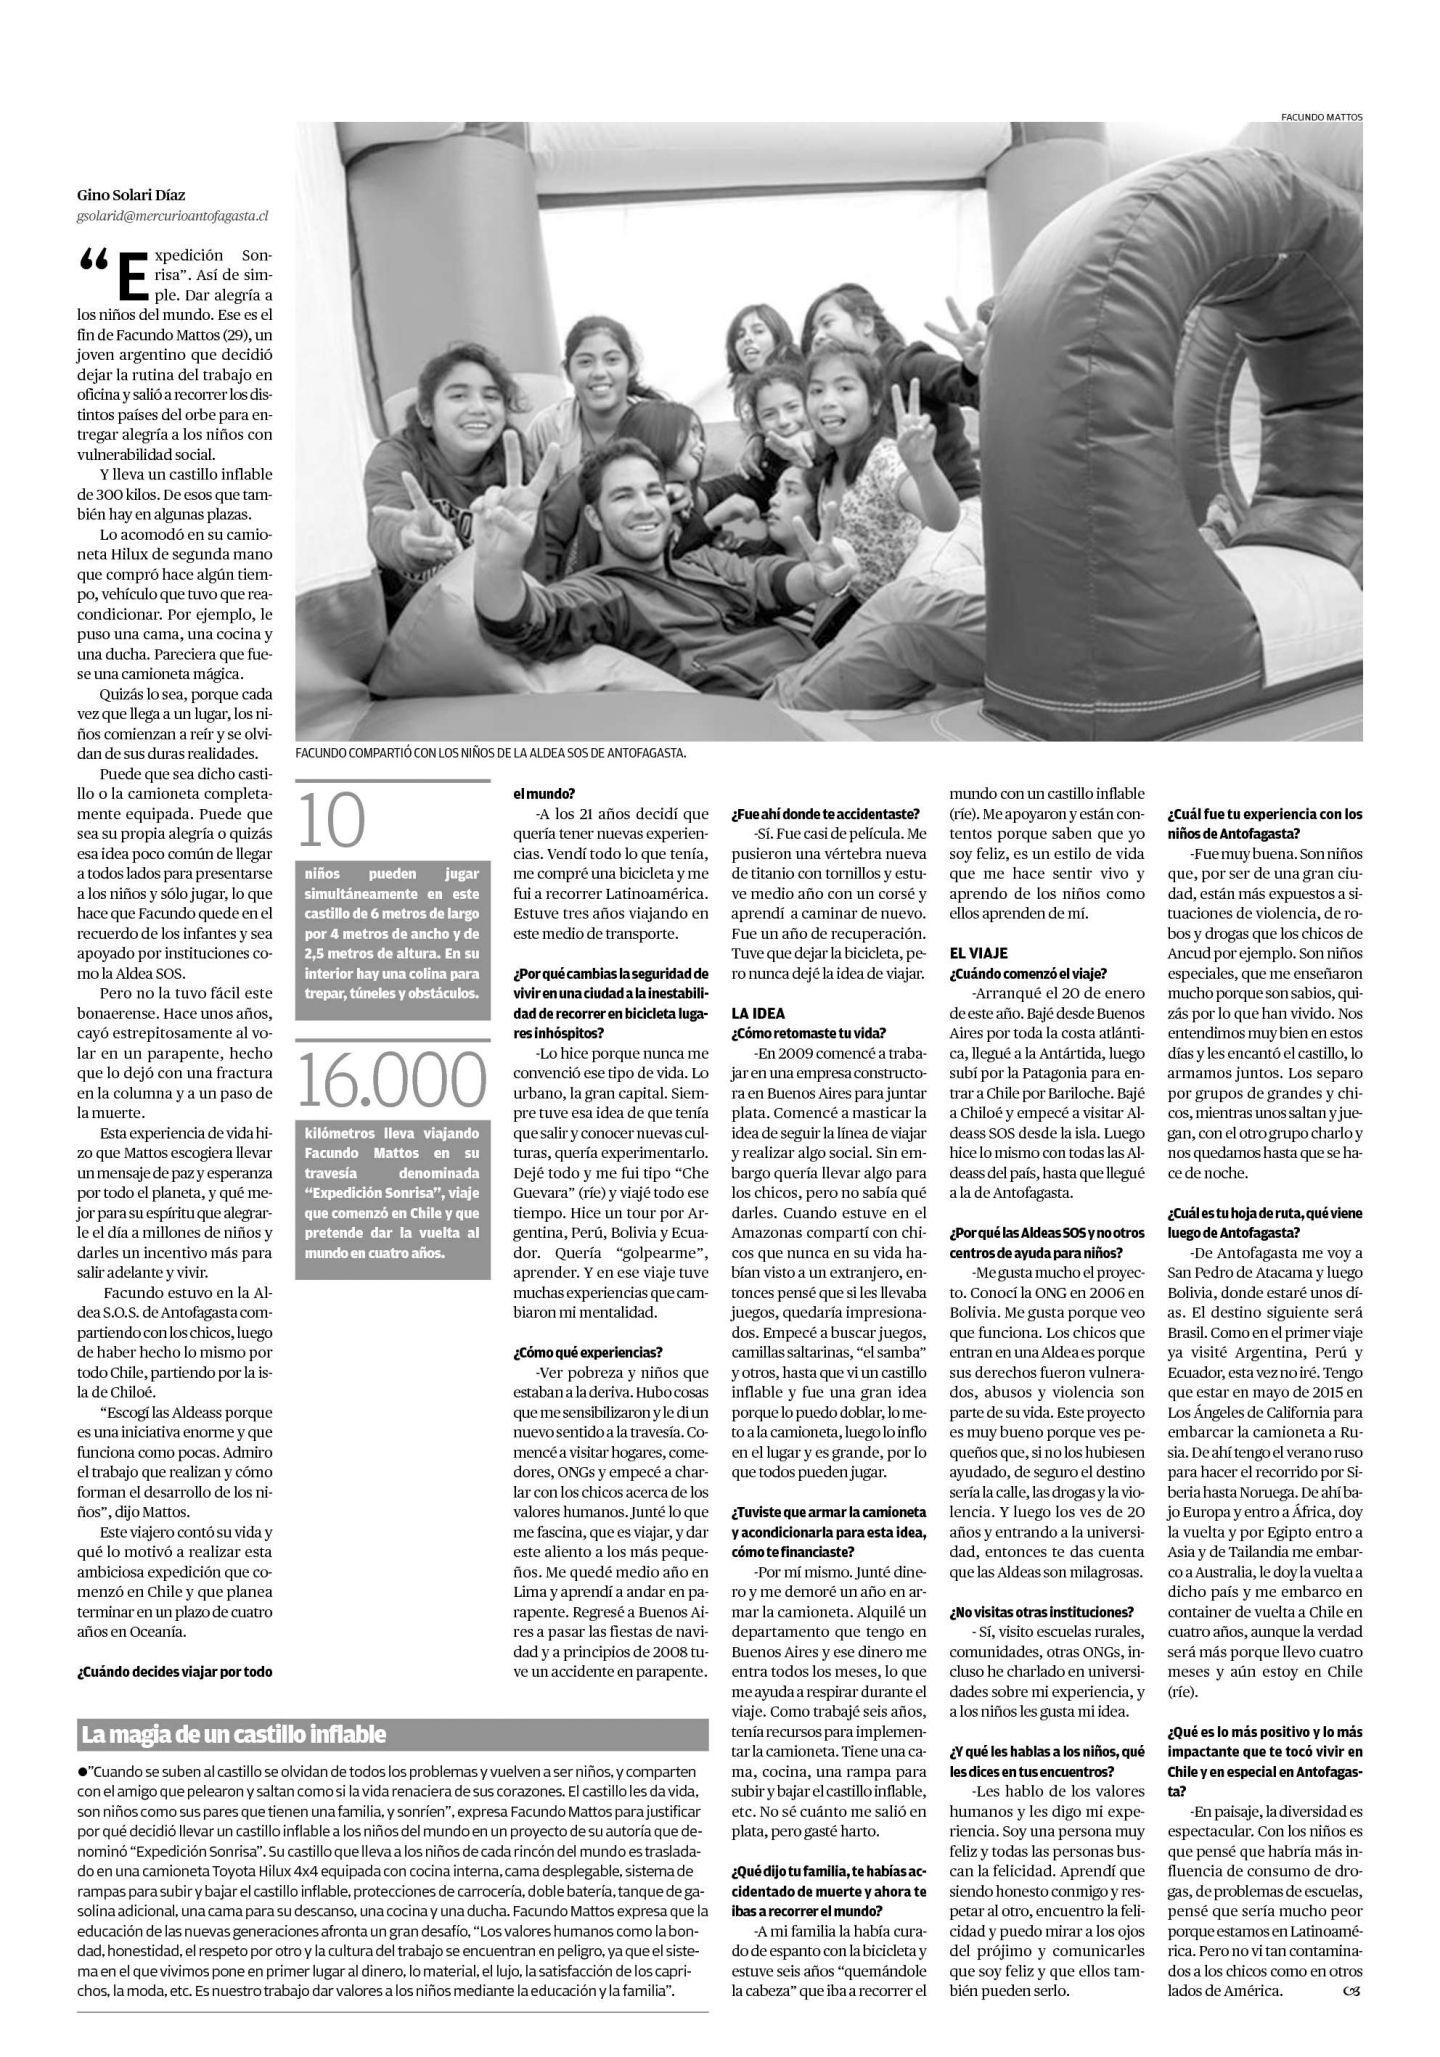 Diario El Mercurio: El Argentino que Viaja por el Mundo con un Castillo Inflable